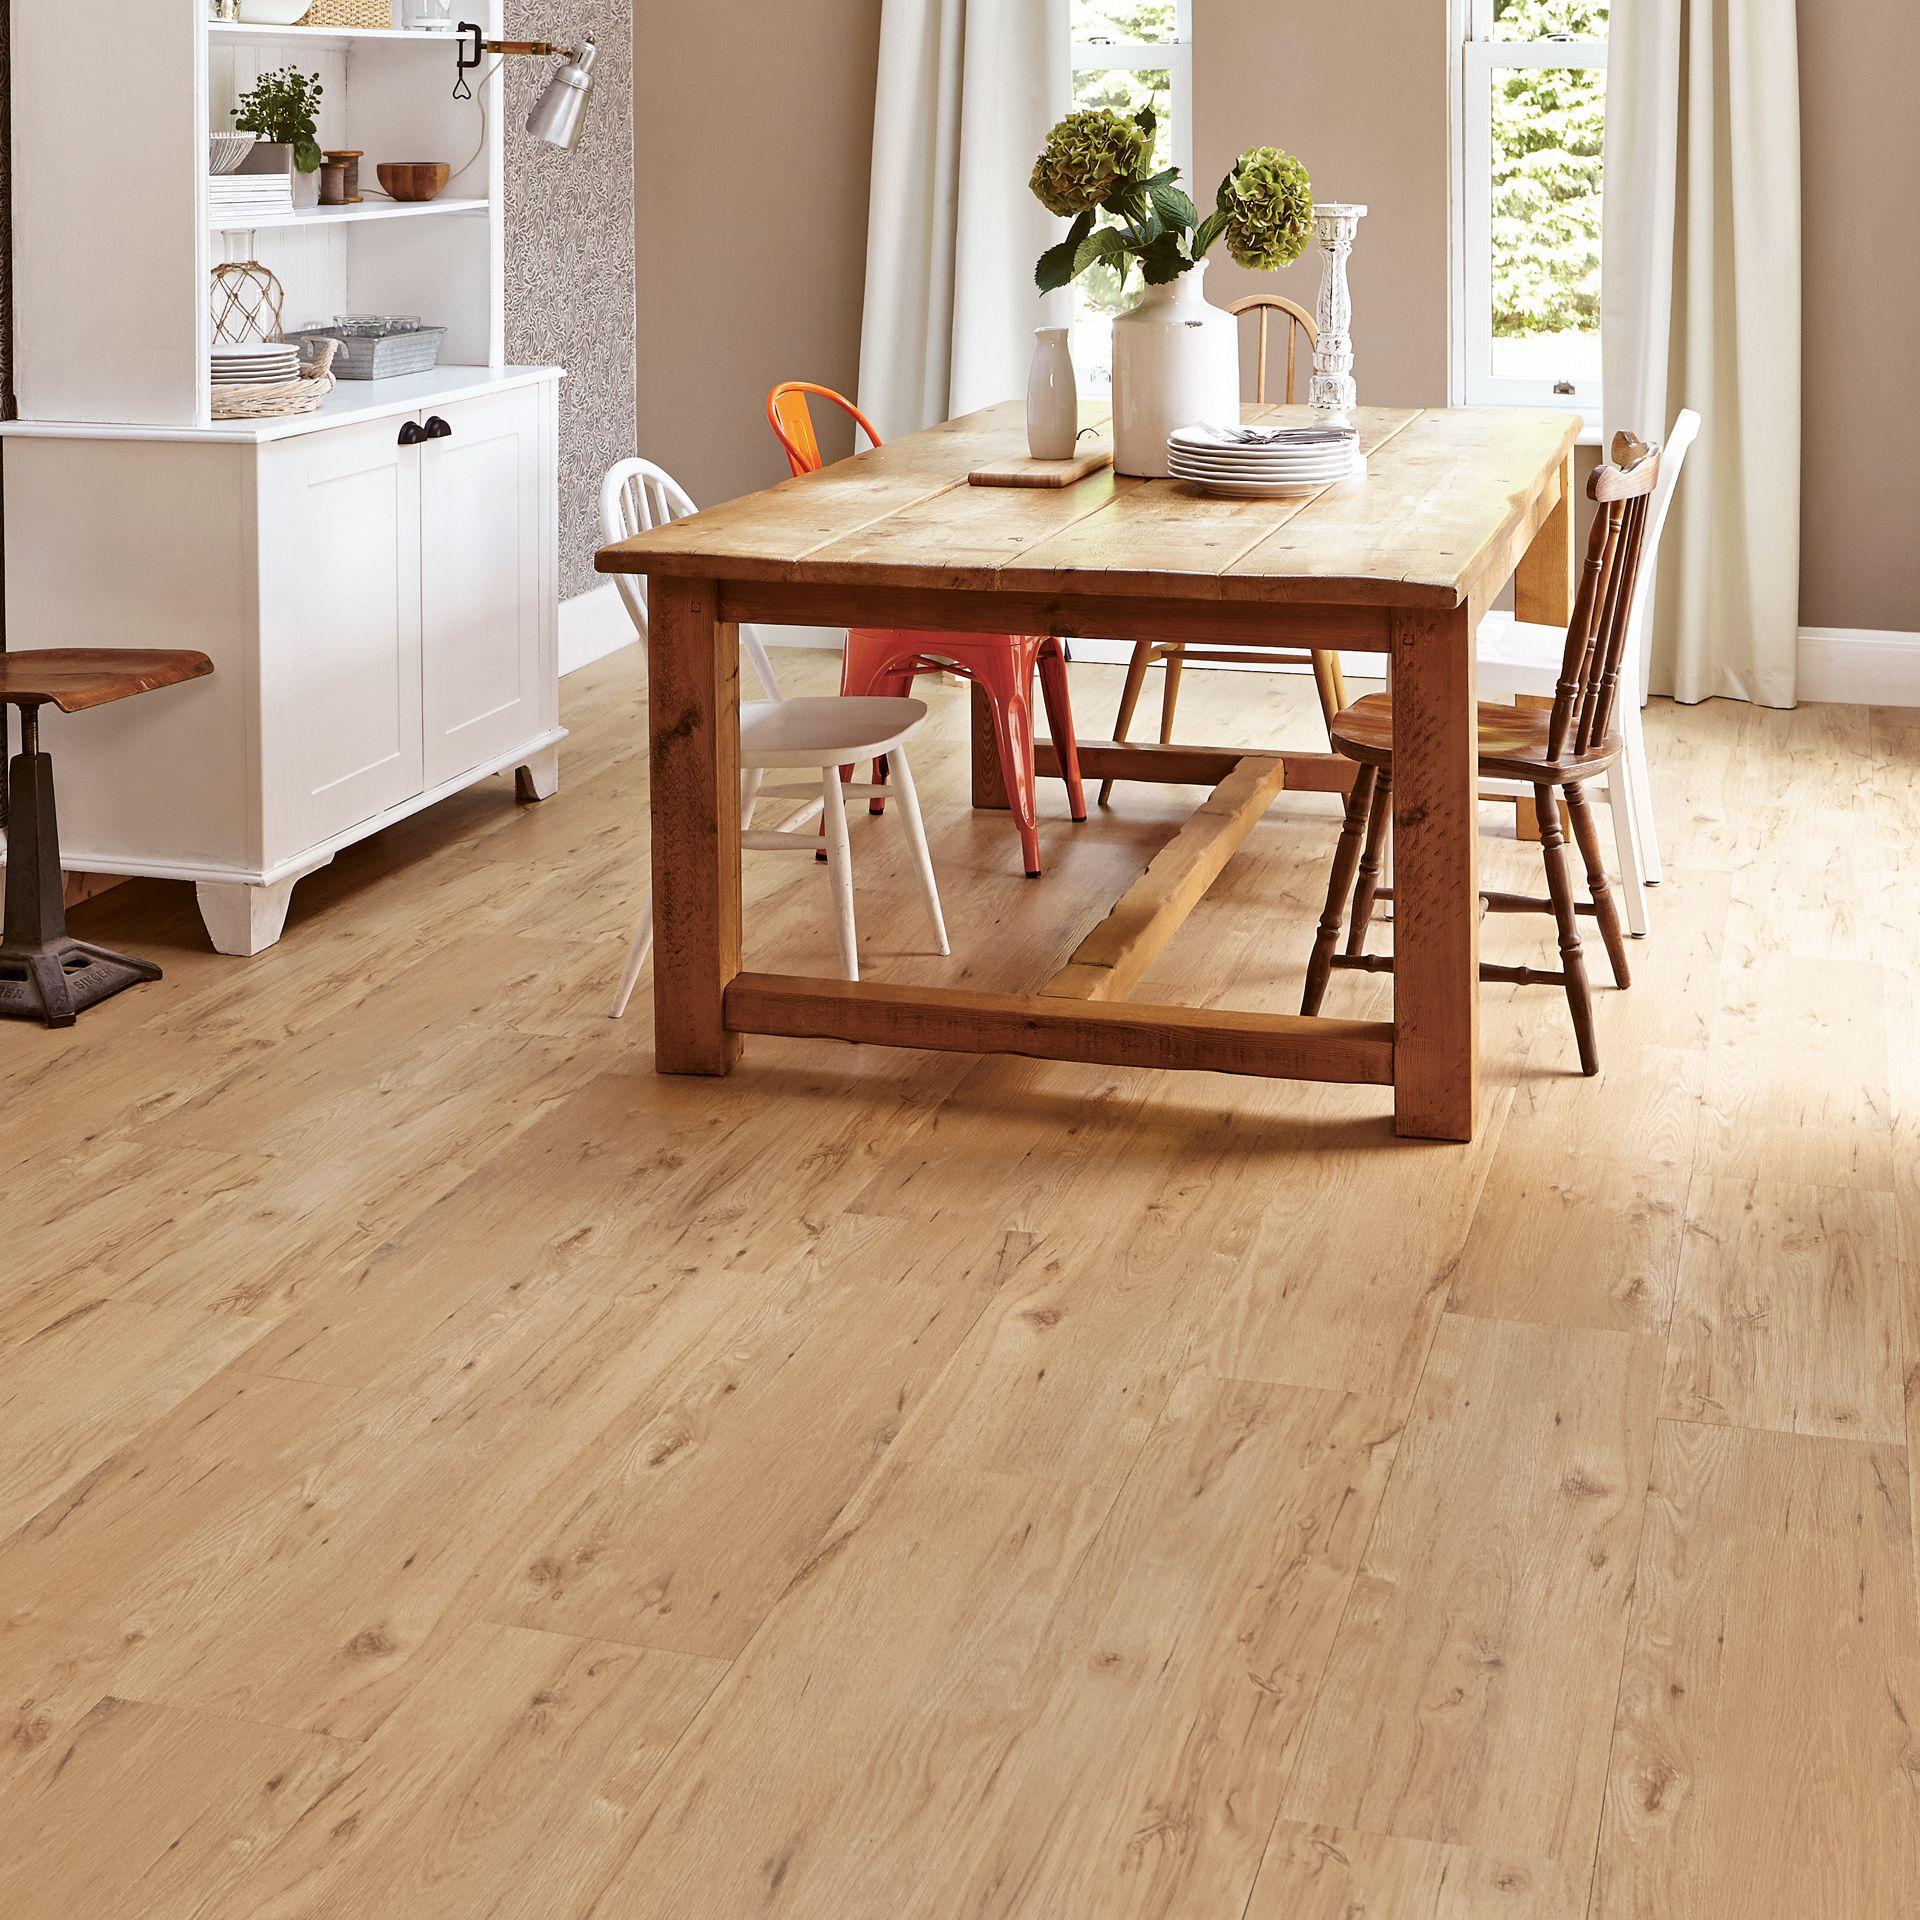 Karndean Flooring For Basement Floors Put Right Over Concrete